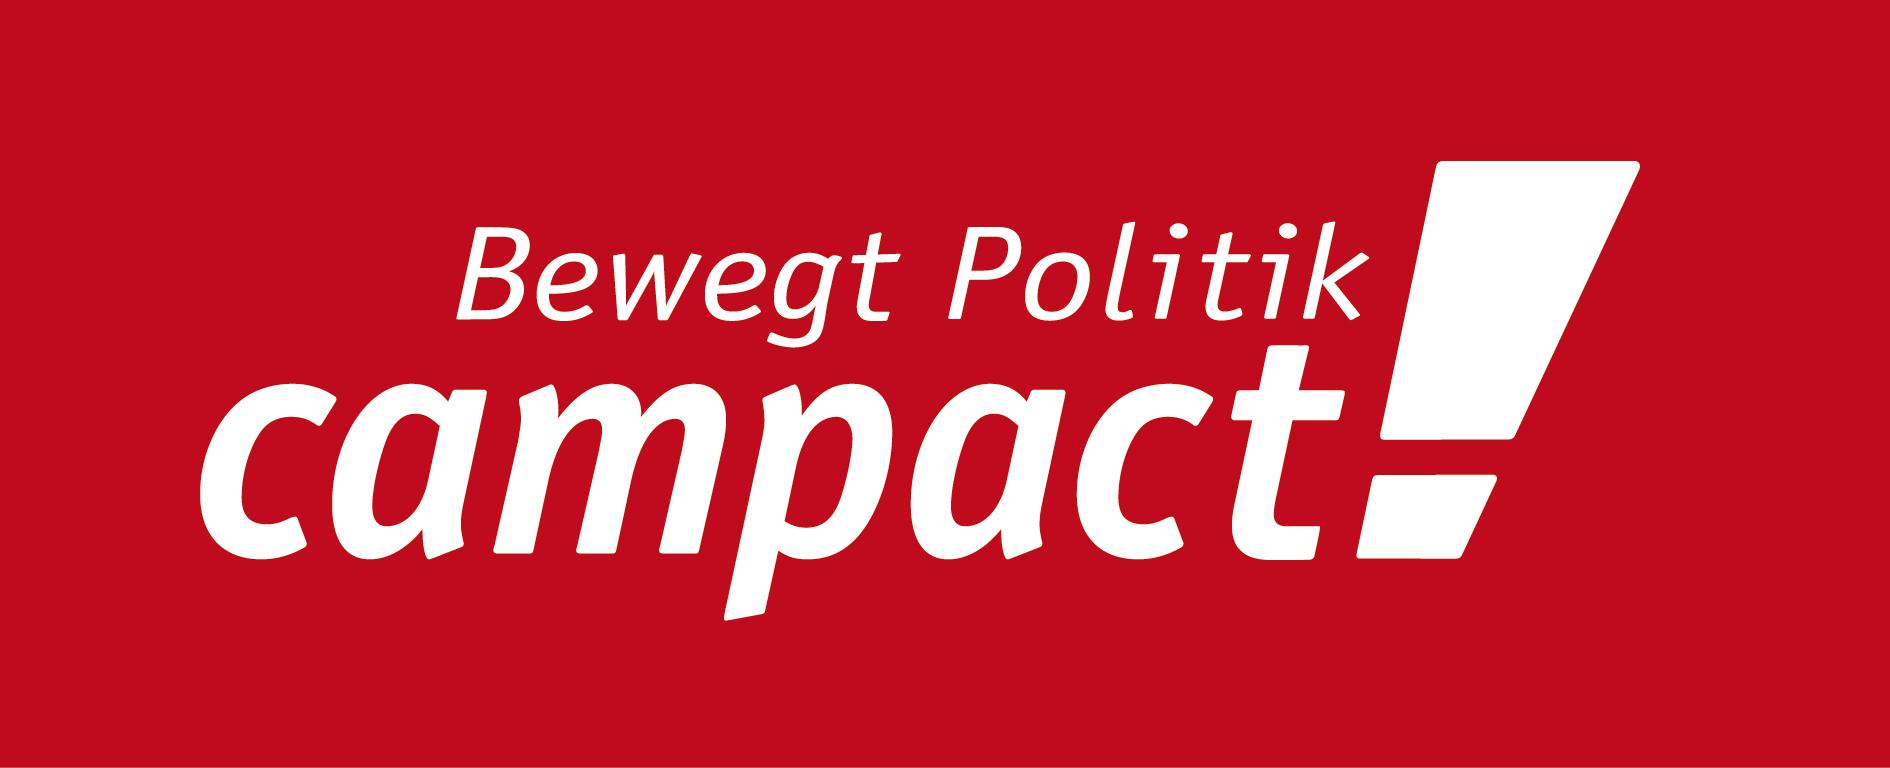 Bildergebnis für fotos vom campact logo